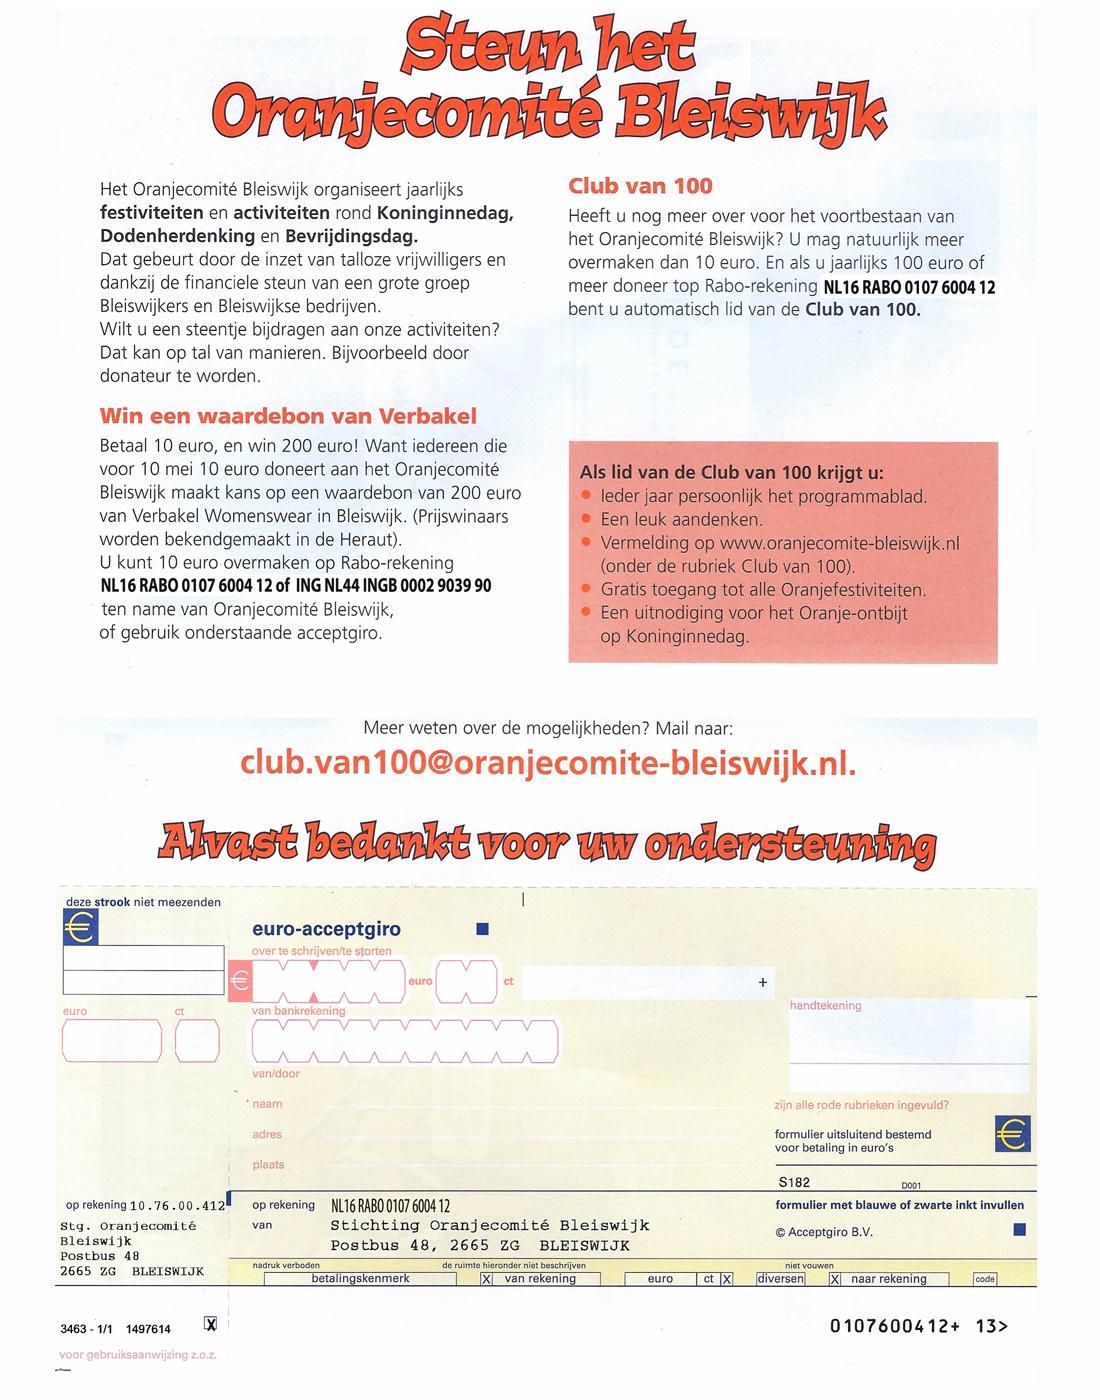 Steun het Oranjecomite Bleiswijk